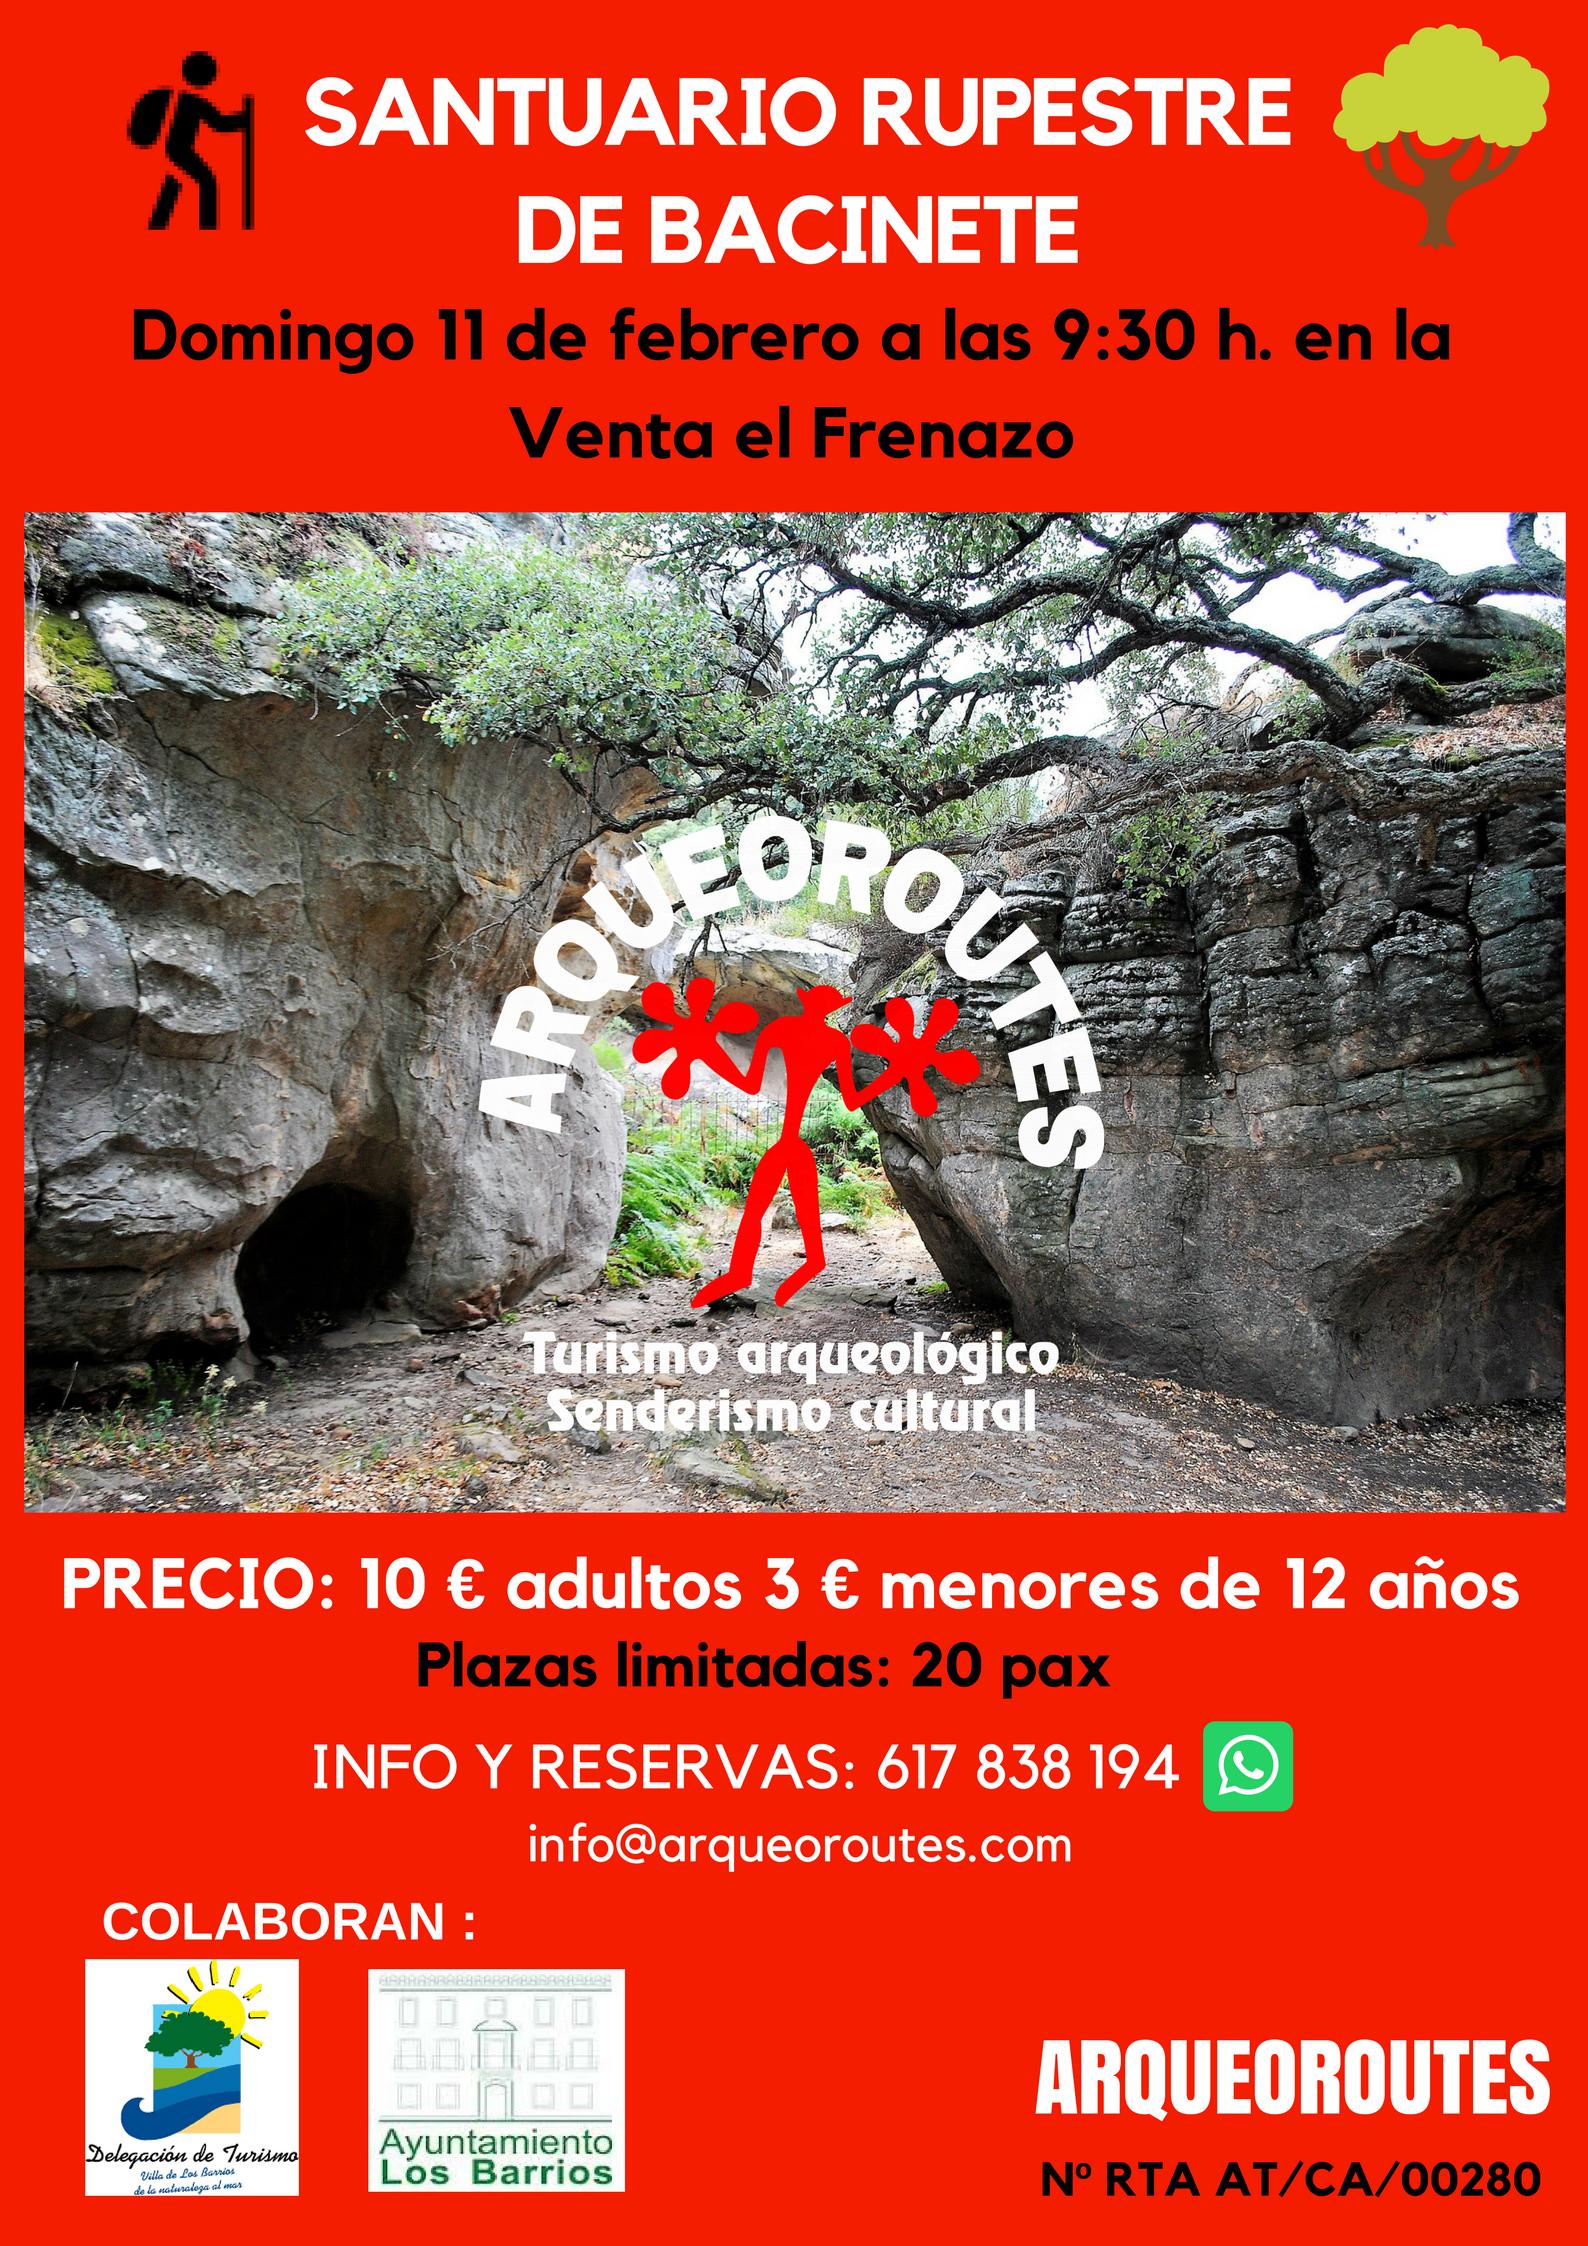 Santuario rupestre de Bacinete el próximo 11 de febrero